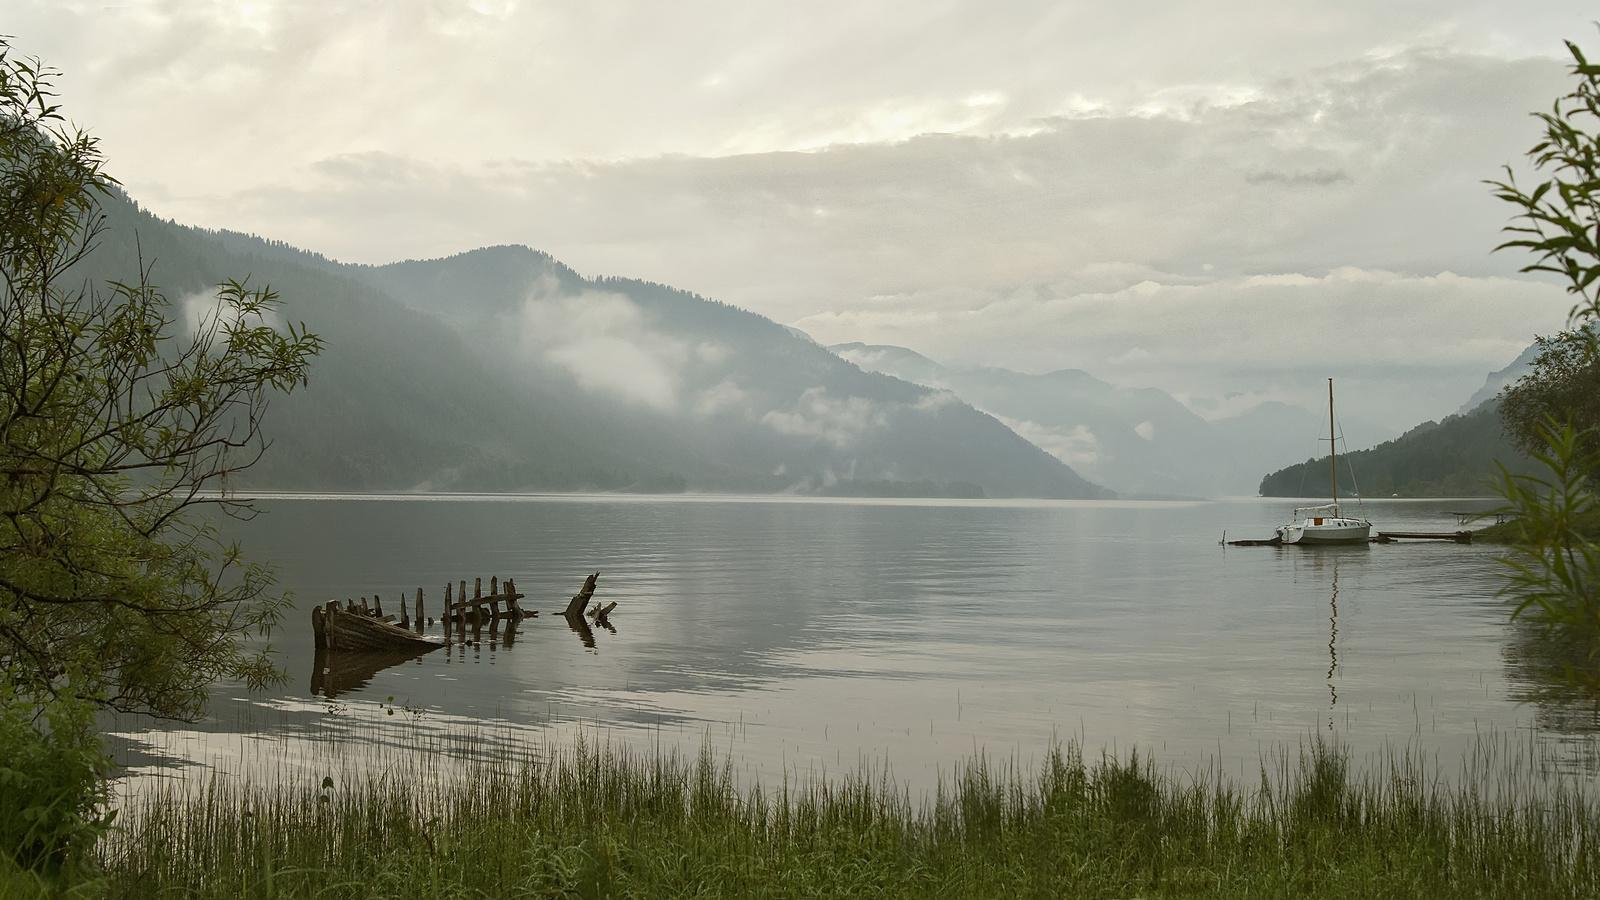 серебряные берега золотого озера телецкого фото мне глаза, первую